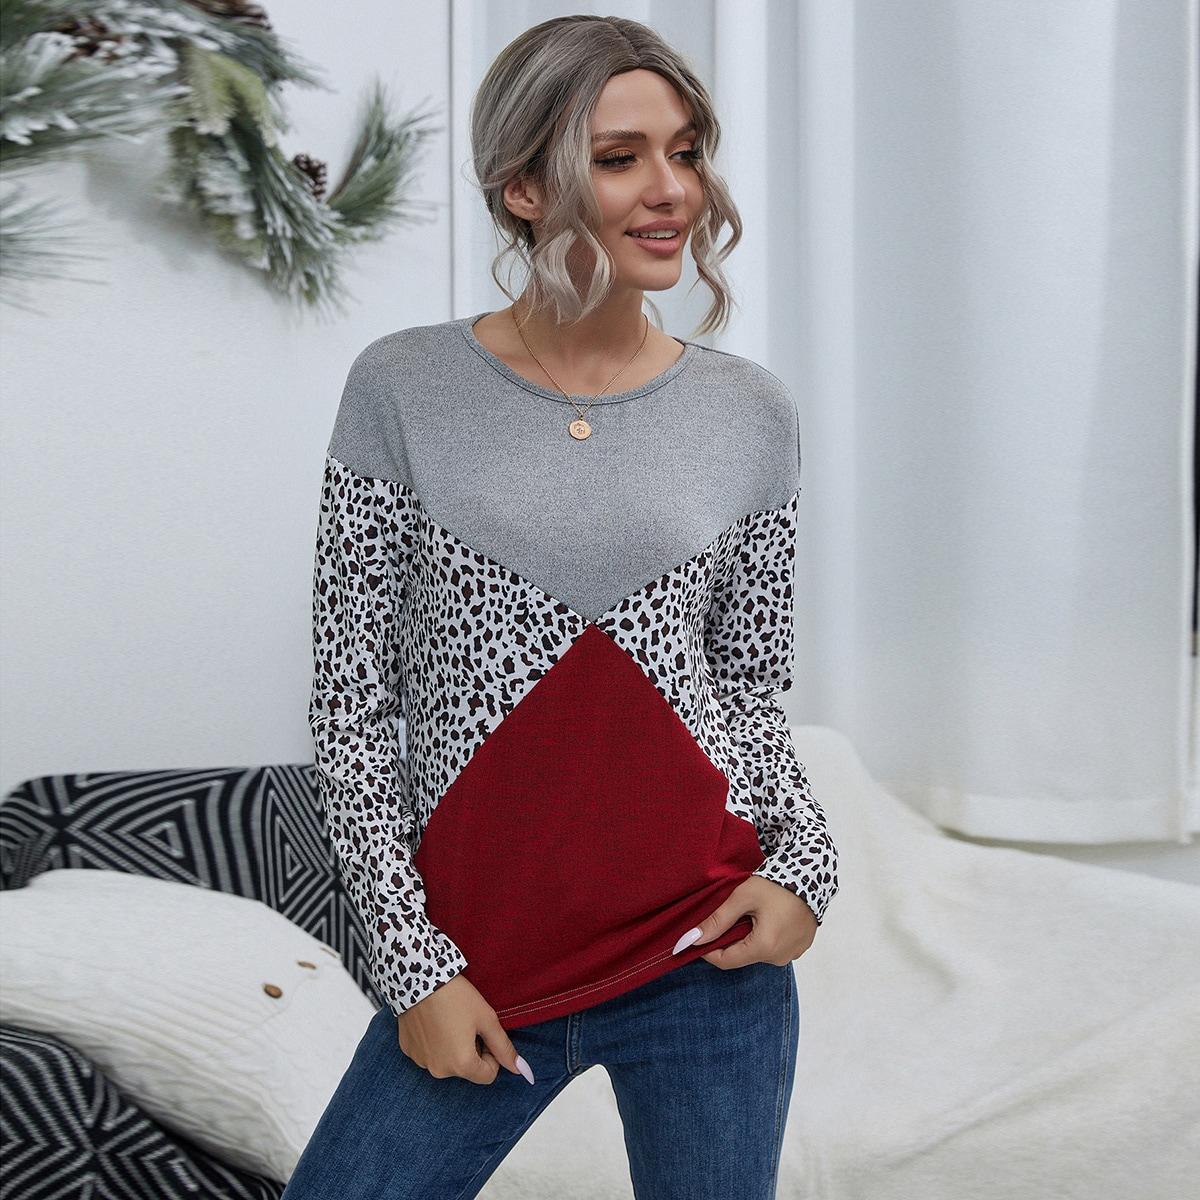 SHEIN / T-Shirt mit Fledermausärmeln, Farbblock und Leopard Muster